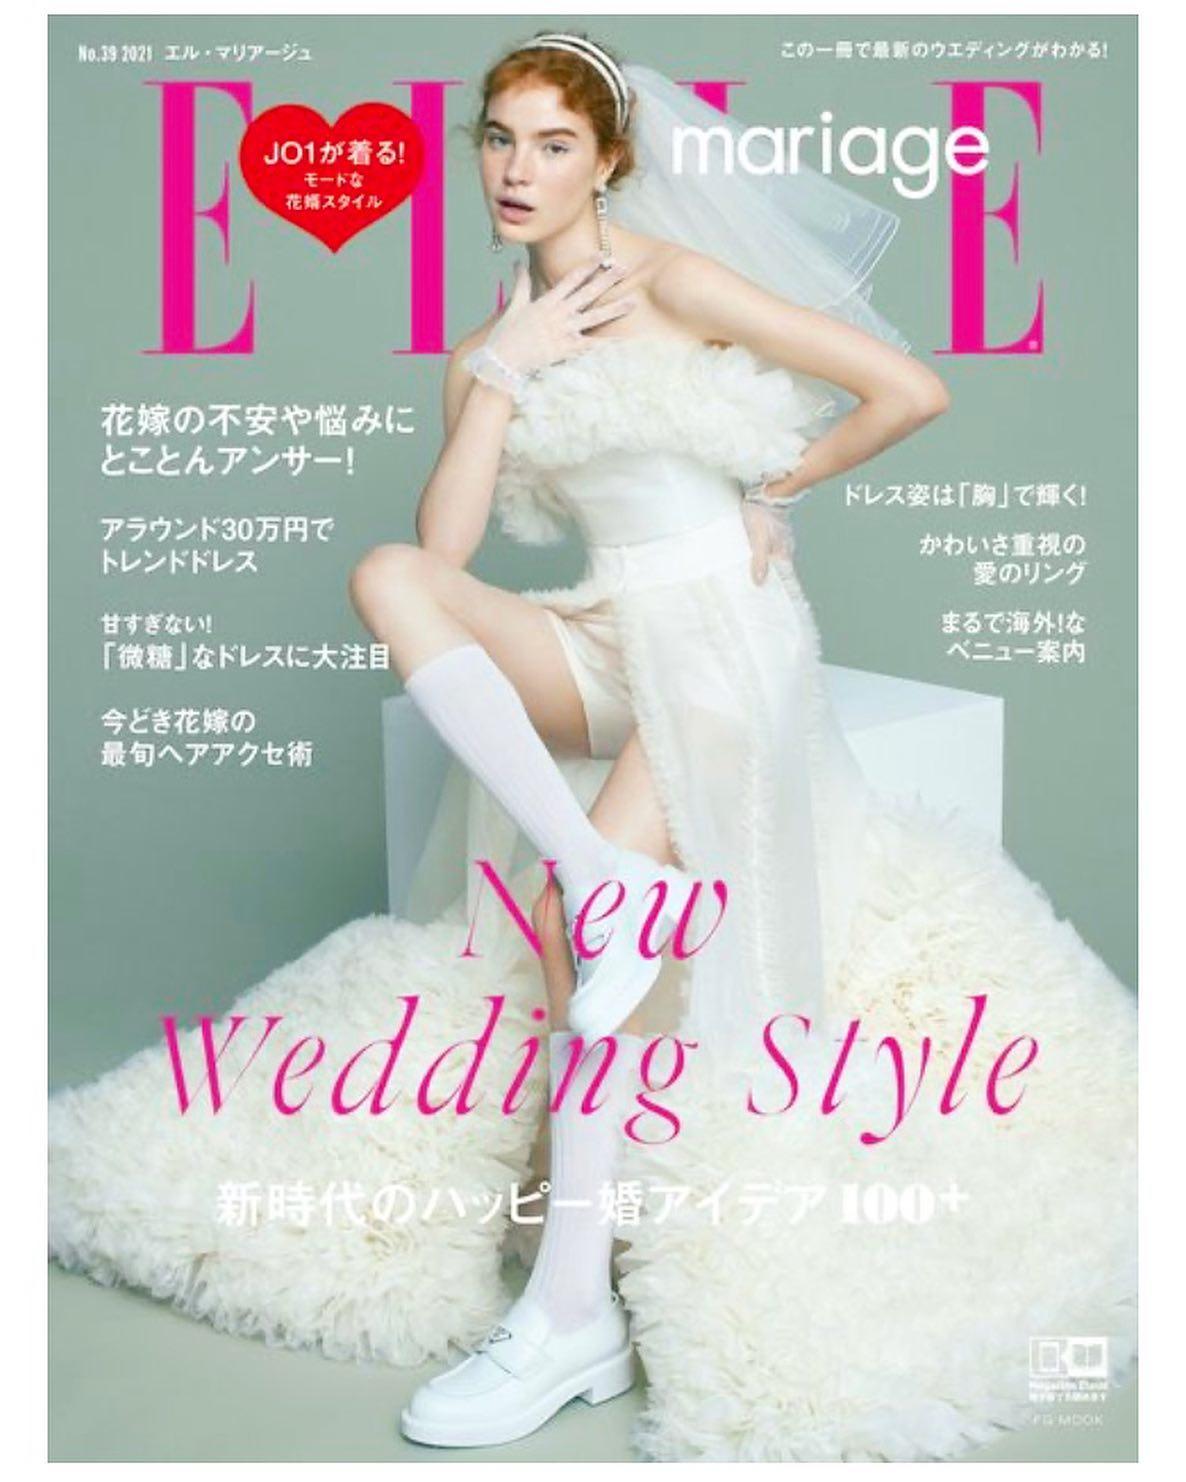 ・昨日発売の@ellemariage さんにClarasのdressをご紹介いただきました・https://www.elle.com/jp/wedding/・『アラウンド30万円でトレンドドレス』の記事内で、CYMBELINEのドレスとLILLYのオーバードレスがレイヤードされご紹介されています・まだオープンしたばかりのClarasなので少しでも知っていただけるきっかけになると嬉しいです・Special thanksPR: @amovia.style いつもありがとうございます🤍・#wedding #weddingdress #claras #paris #vowrenewal #aoyama #elle #ellemariage #ウェディングドレス #プレ花嫁 #ドレス試着 #2021夏婚 #2021冬婚 #ヘアメイク #結婚式  #ドレス選び #前撮り #後撮り #フォトウェディング #ウェディングヘア  #フォト婚 #ブライダルフォト #カップルフォト #ウェディングドレス探し #ウェディングドレス試着 #レンタルドレス #ドレスショップ #家族婚 #バウリニューアル #エルマリアージュ